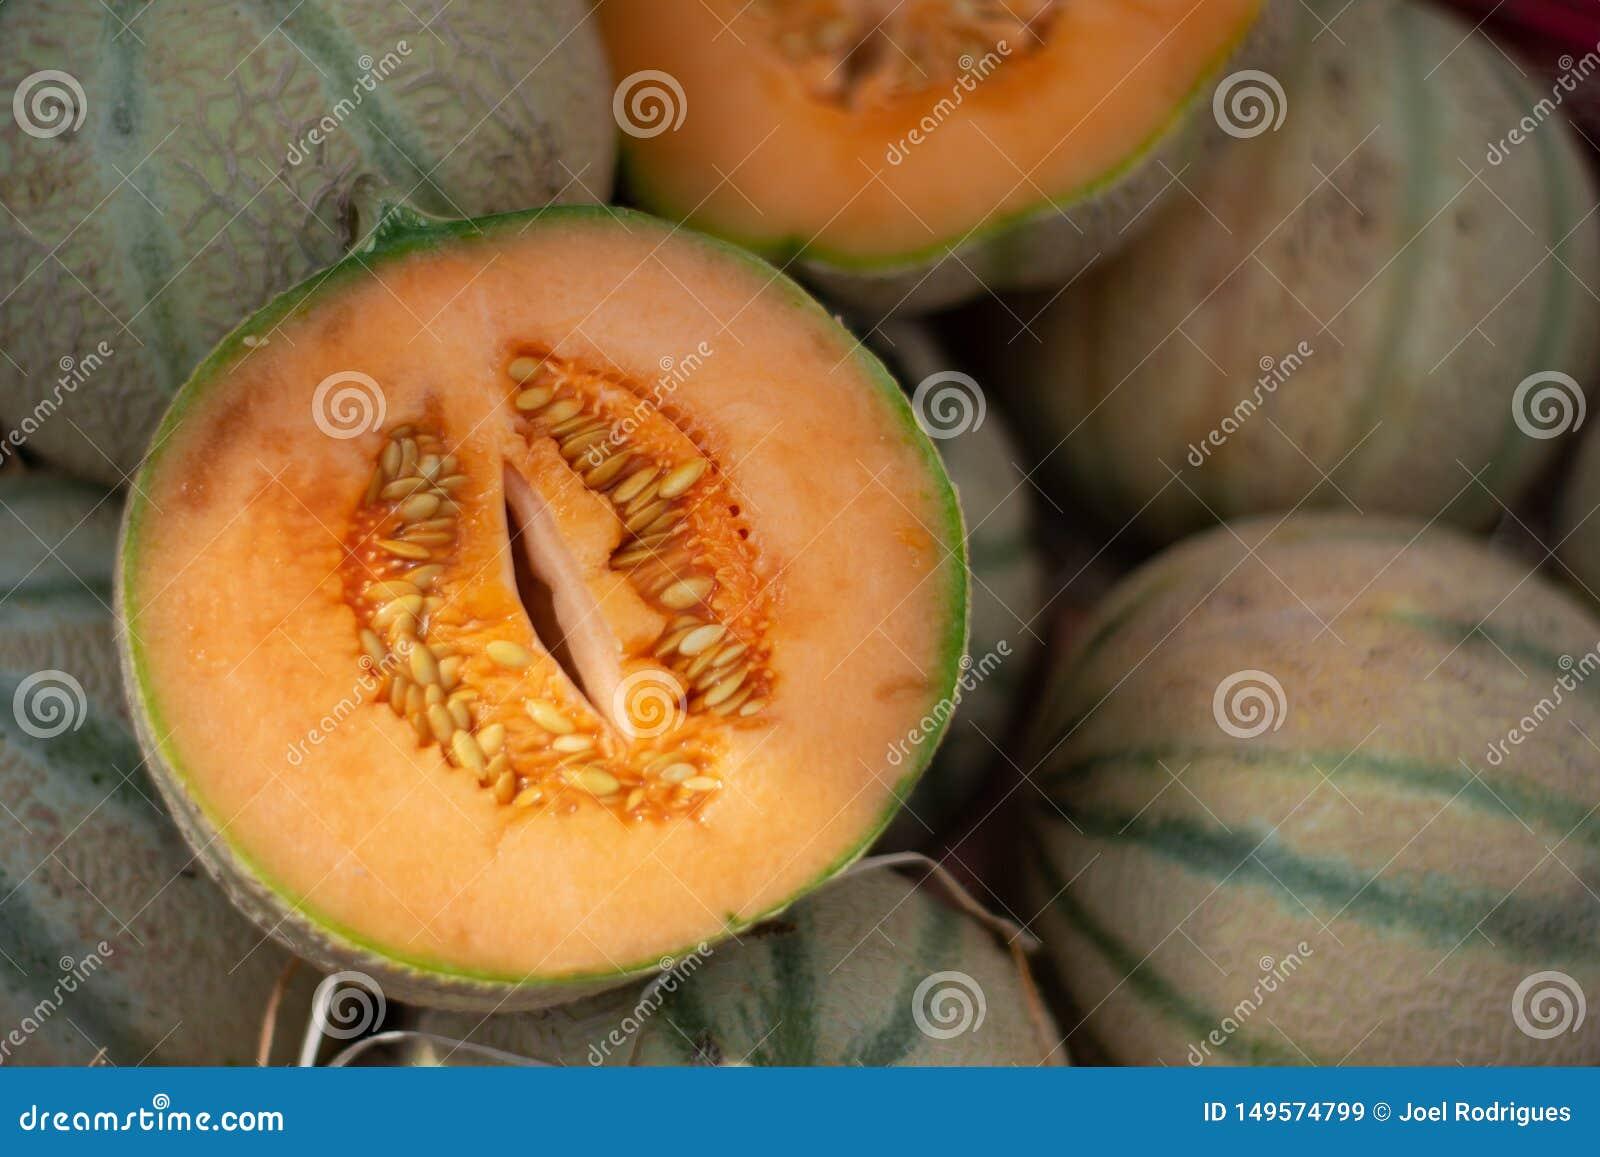 Otwiera rżniętego Charentais melon na rynku stosie